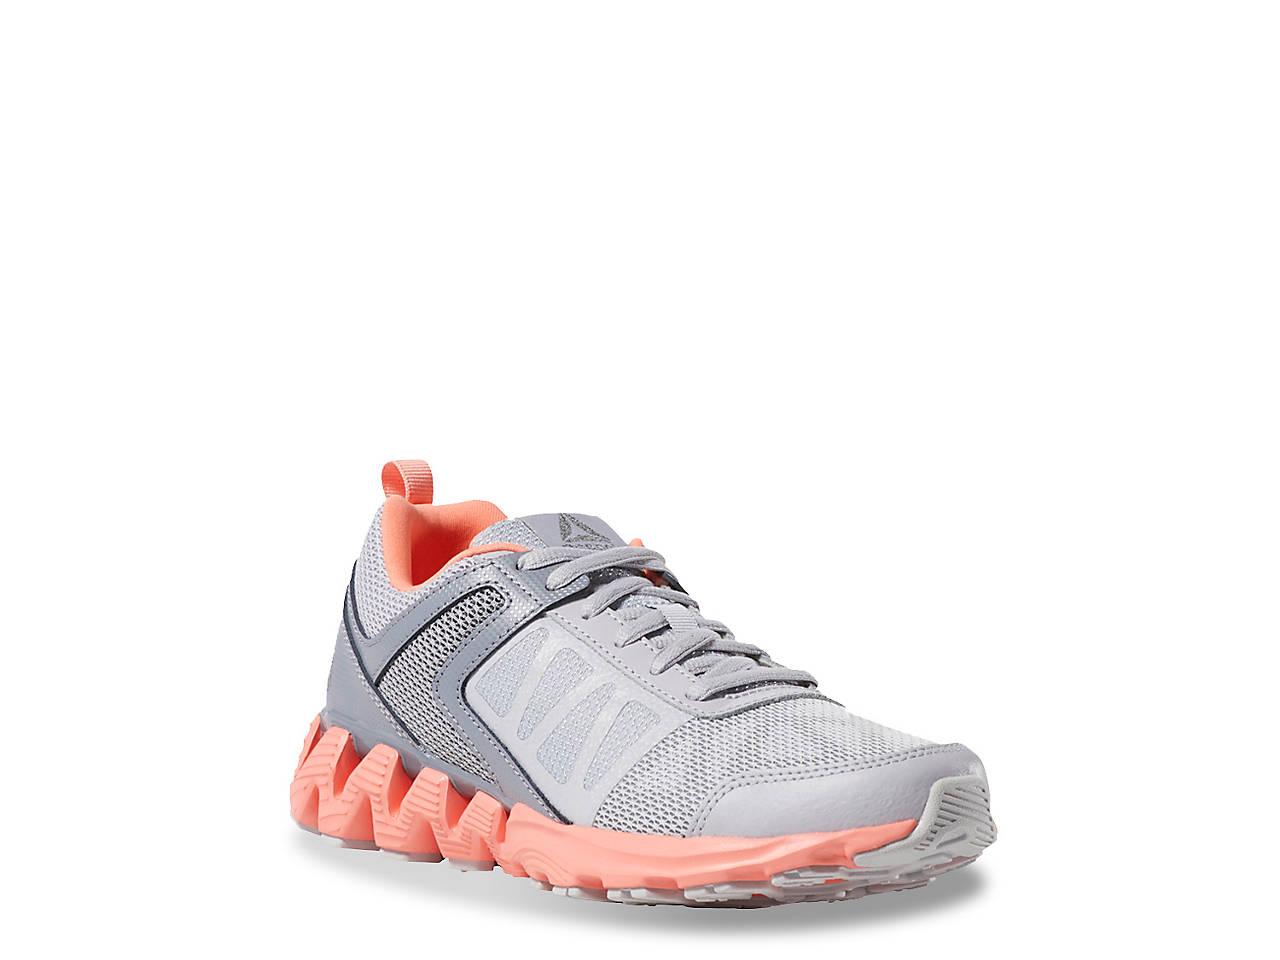 034f9a8d90 Zigkick 2k18 Running Shoe - Kids'